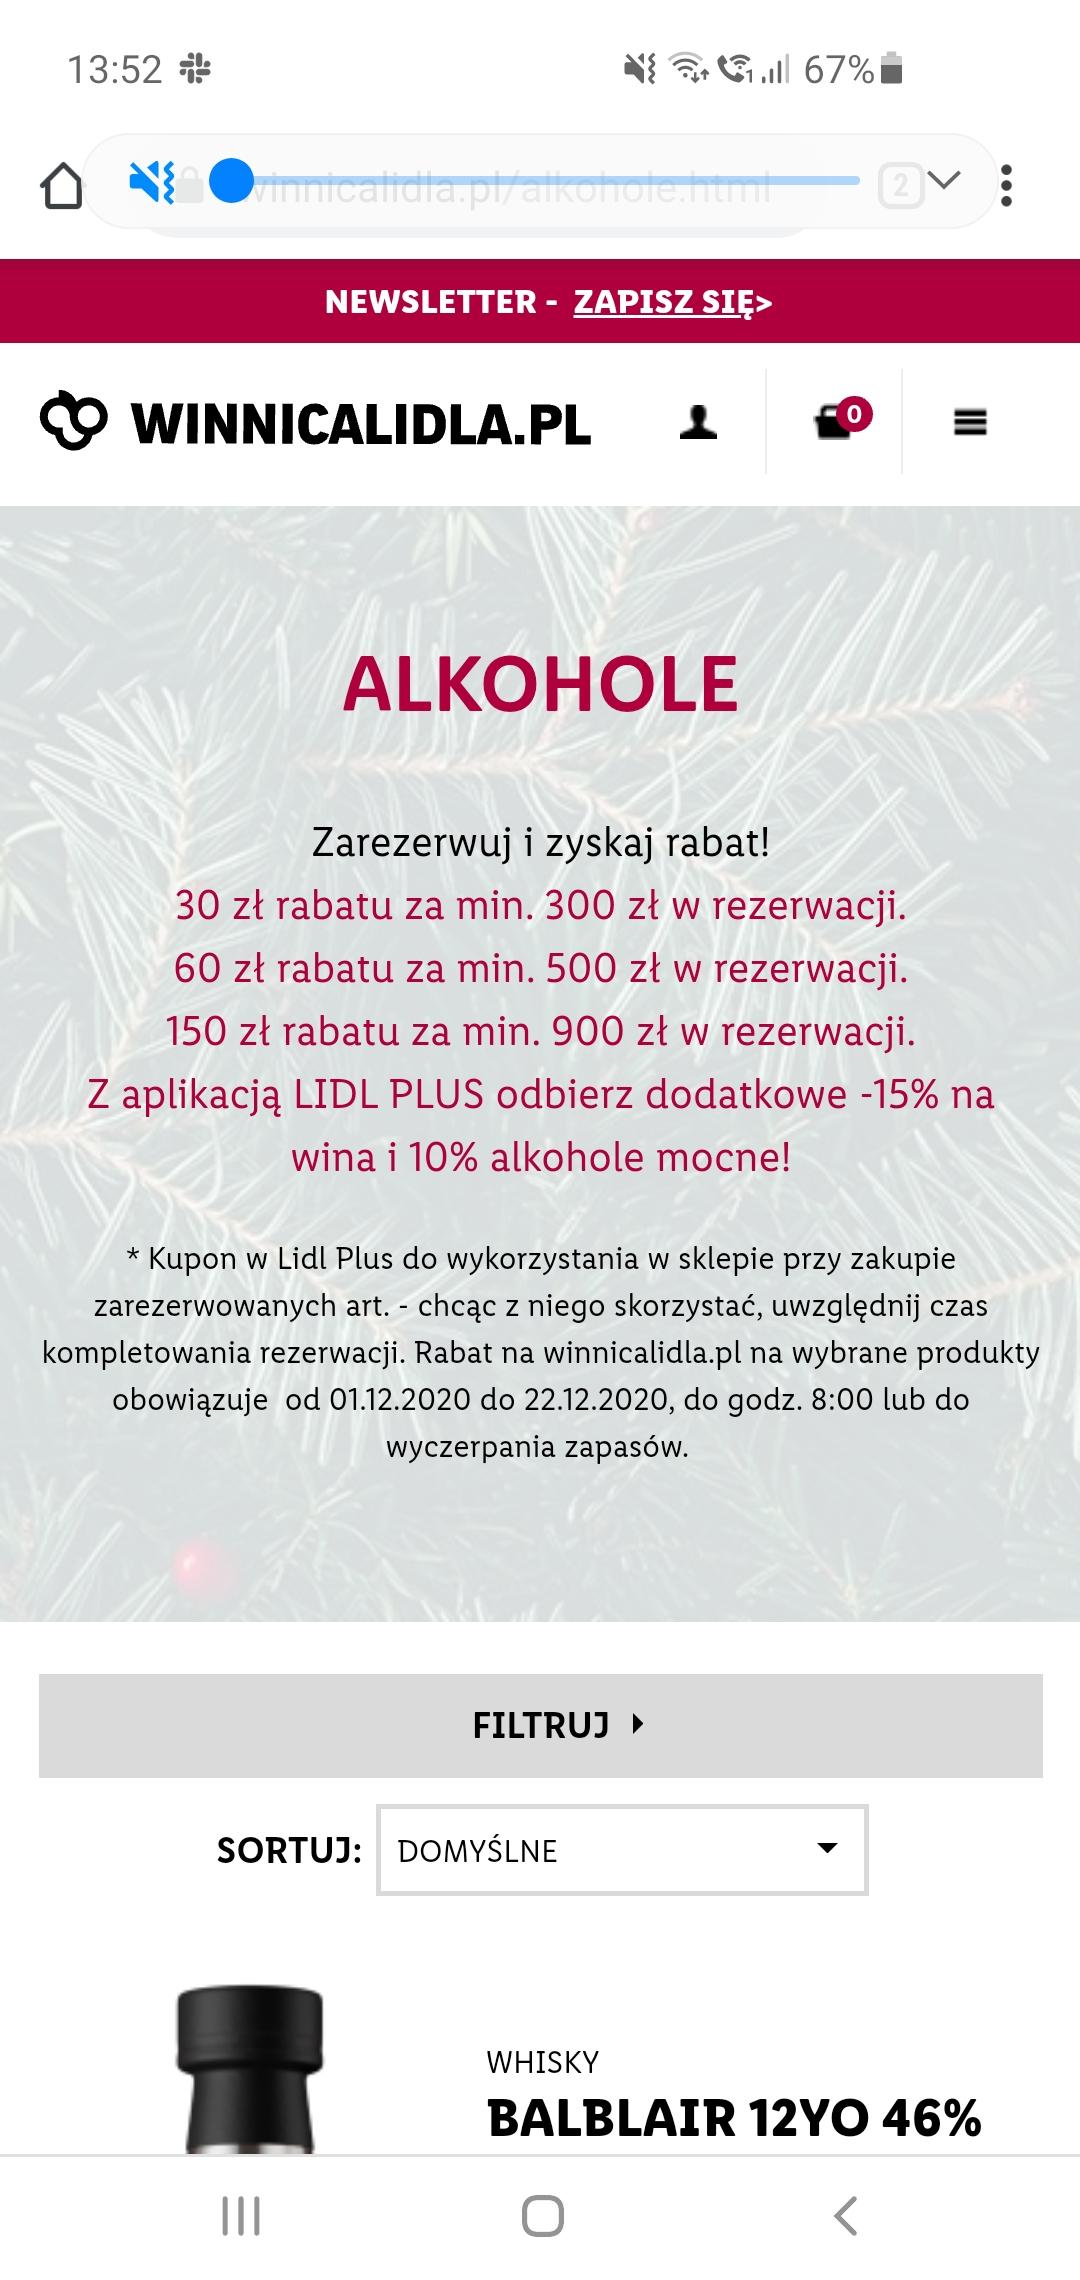 Winnica Lidla - Świąteczna promocja na Whisky, zniżka max 150zl + 10% lidl plus